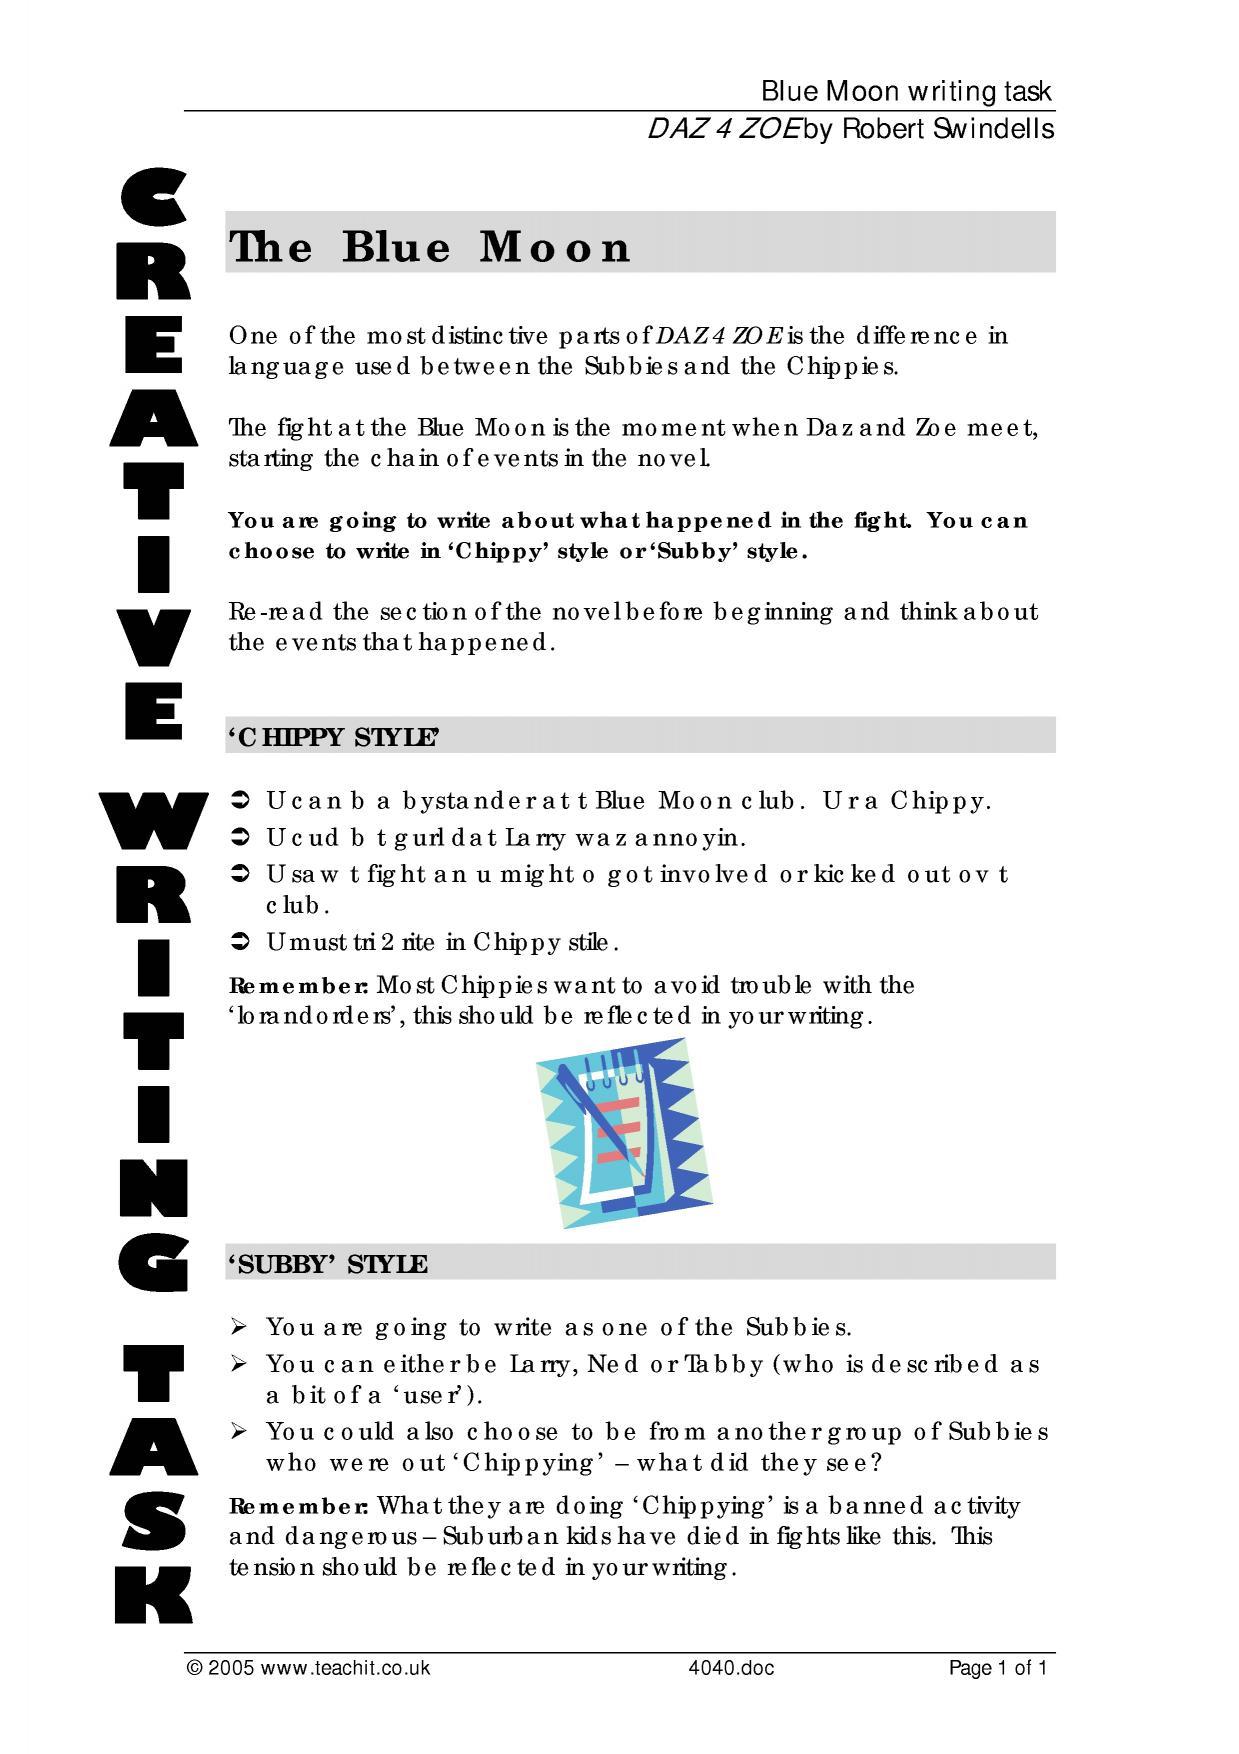 daz 4 zoe essay help